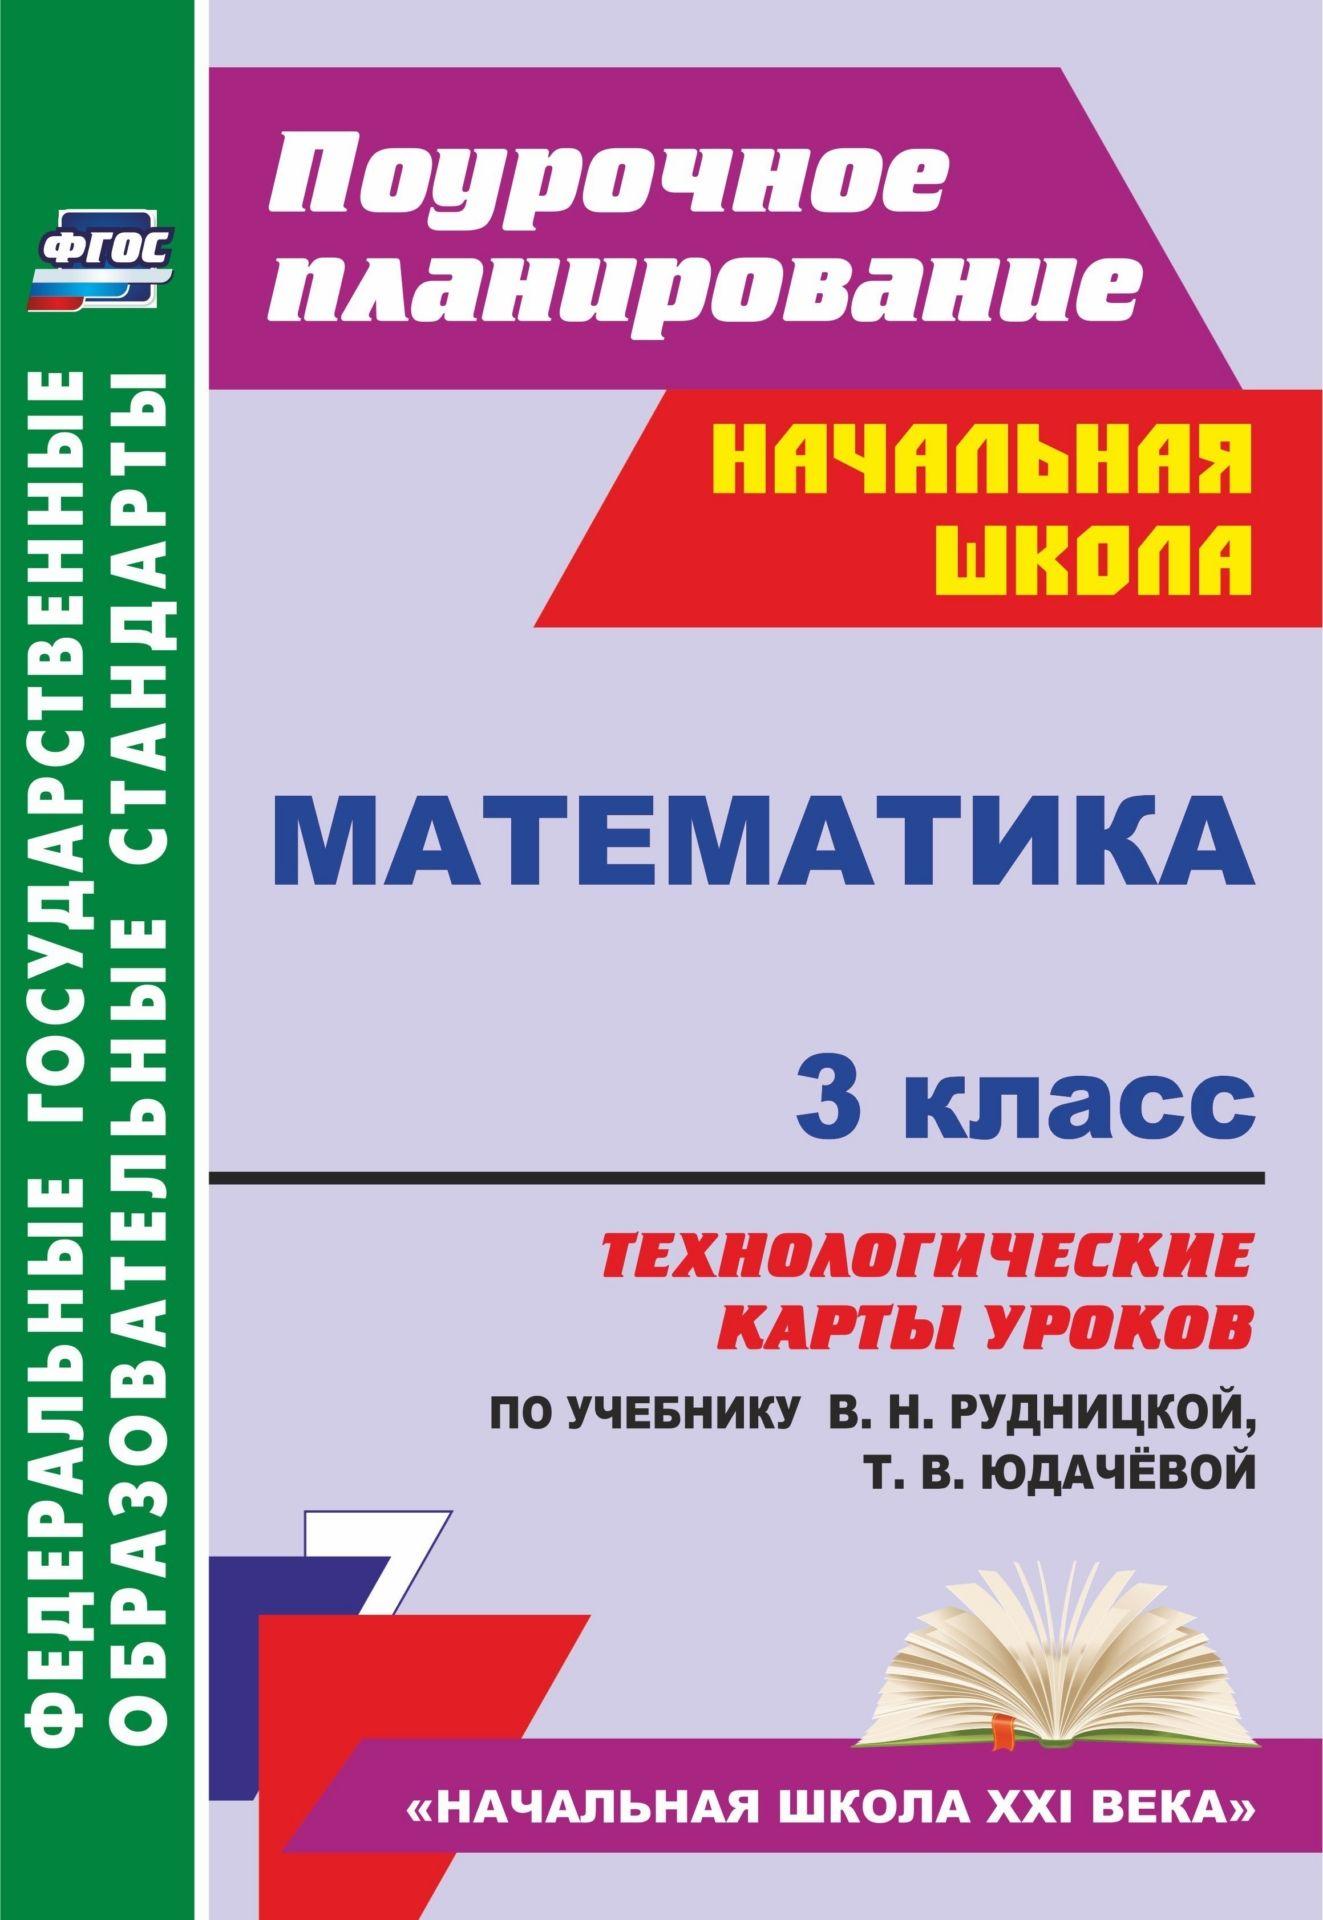 Математика. 3 класс. Технологические карты уроков по учебнику В. Н. Рудницкой, Т. В. Юдачёвой. Программа для установки через Интернет